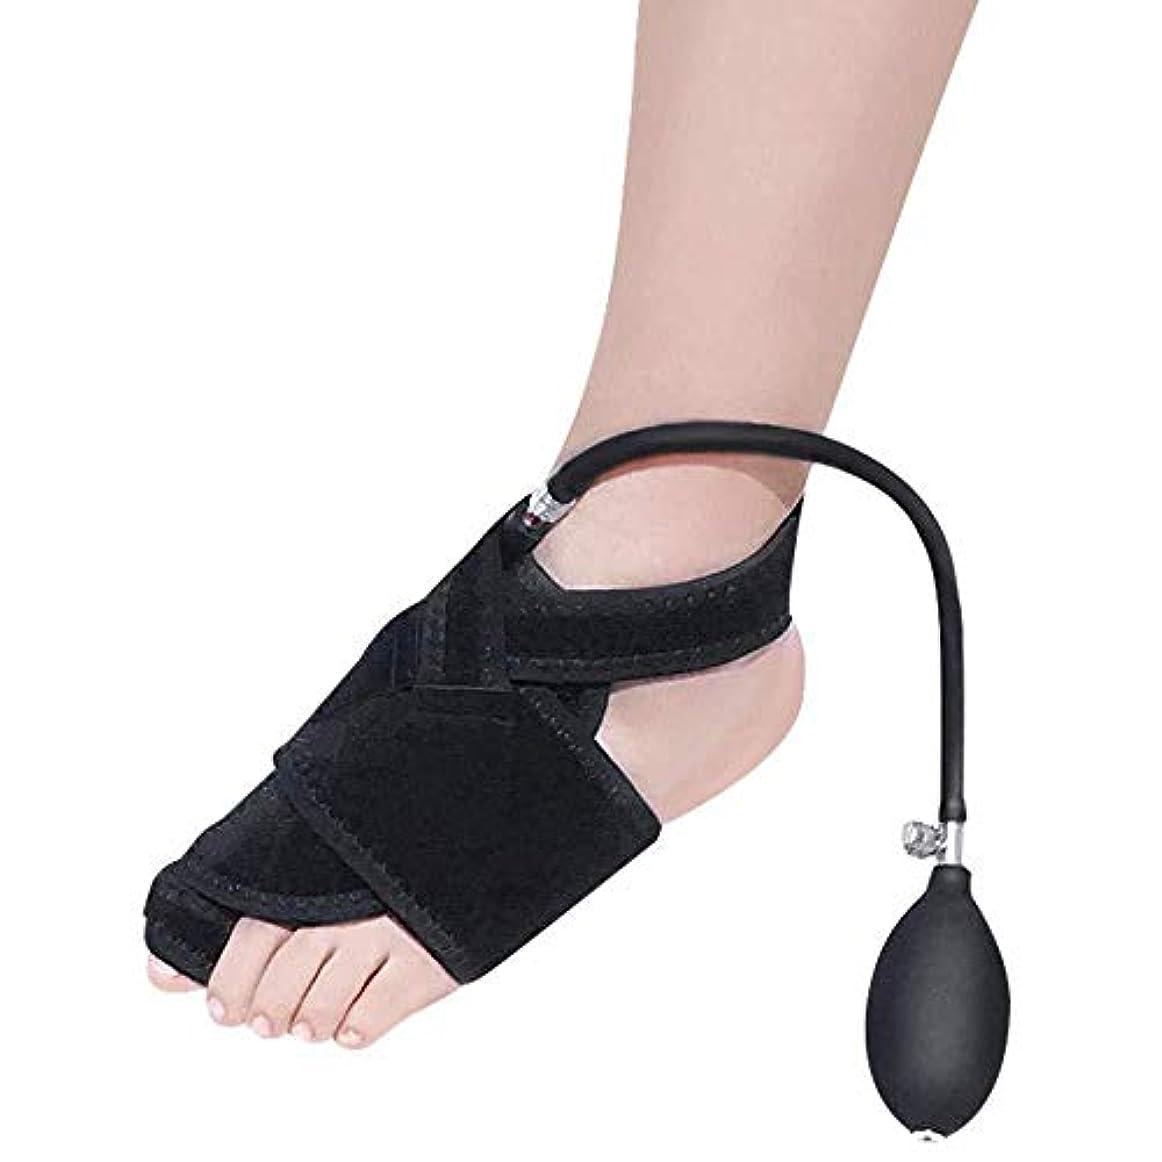 シリーズ数学退化するつま先セパレーター、左の膨脹可能なつま先変形足の親指矯正器および空気圧式整形外科用補助腱膜瘤手術の回復,Leftfoot